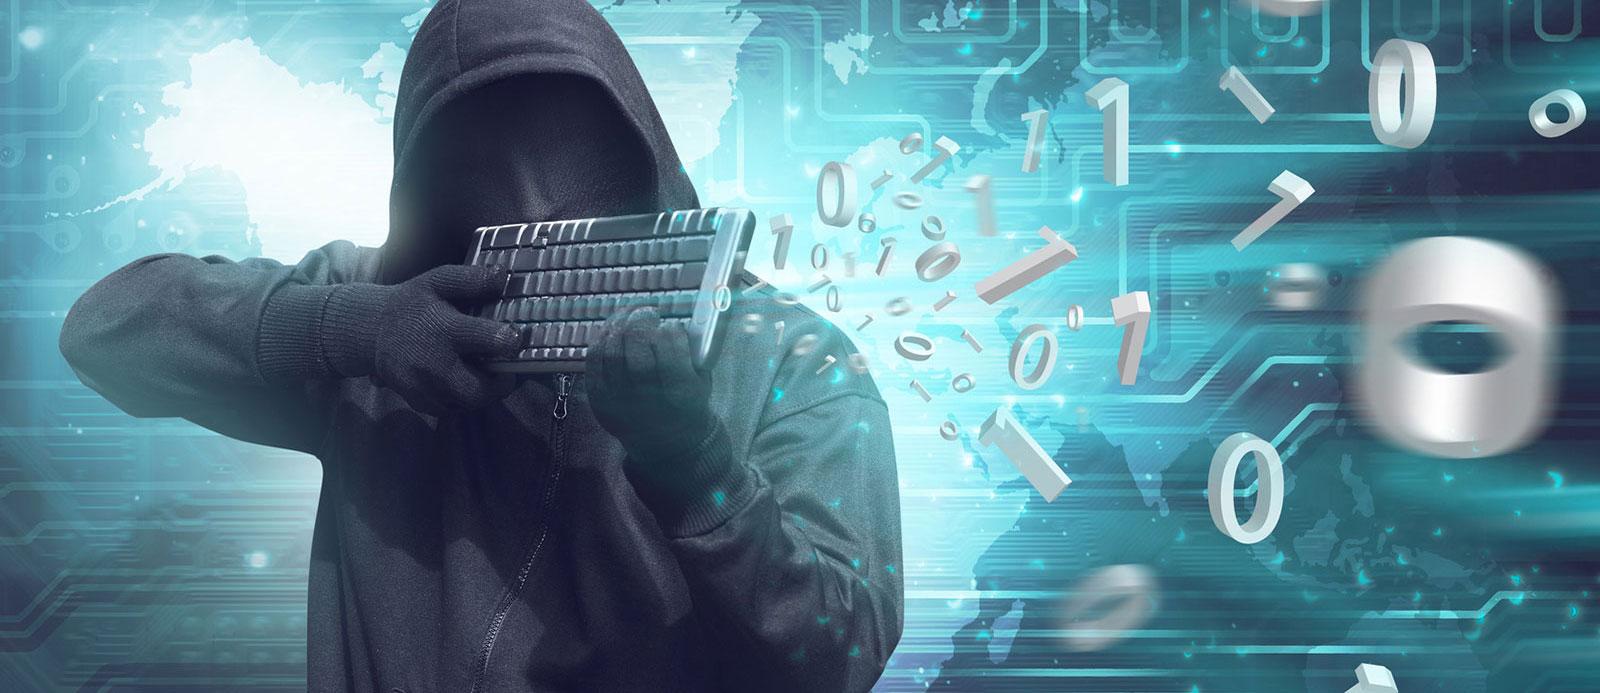 Las Pymes, el objetivo de los ciber delincuentes